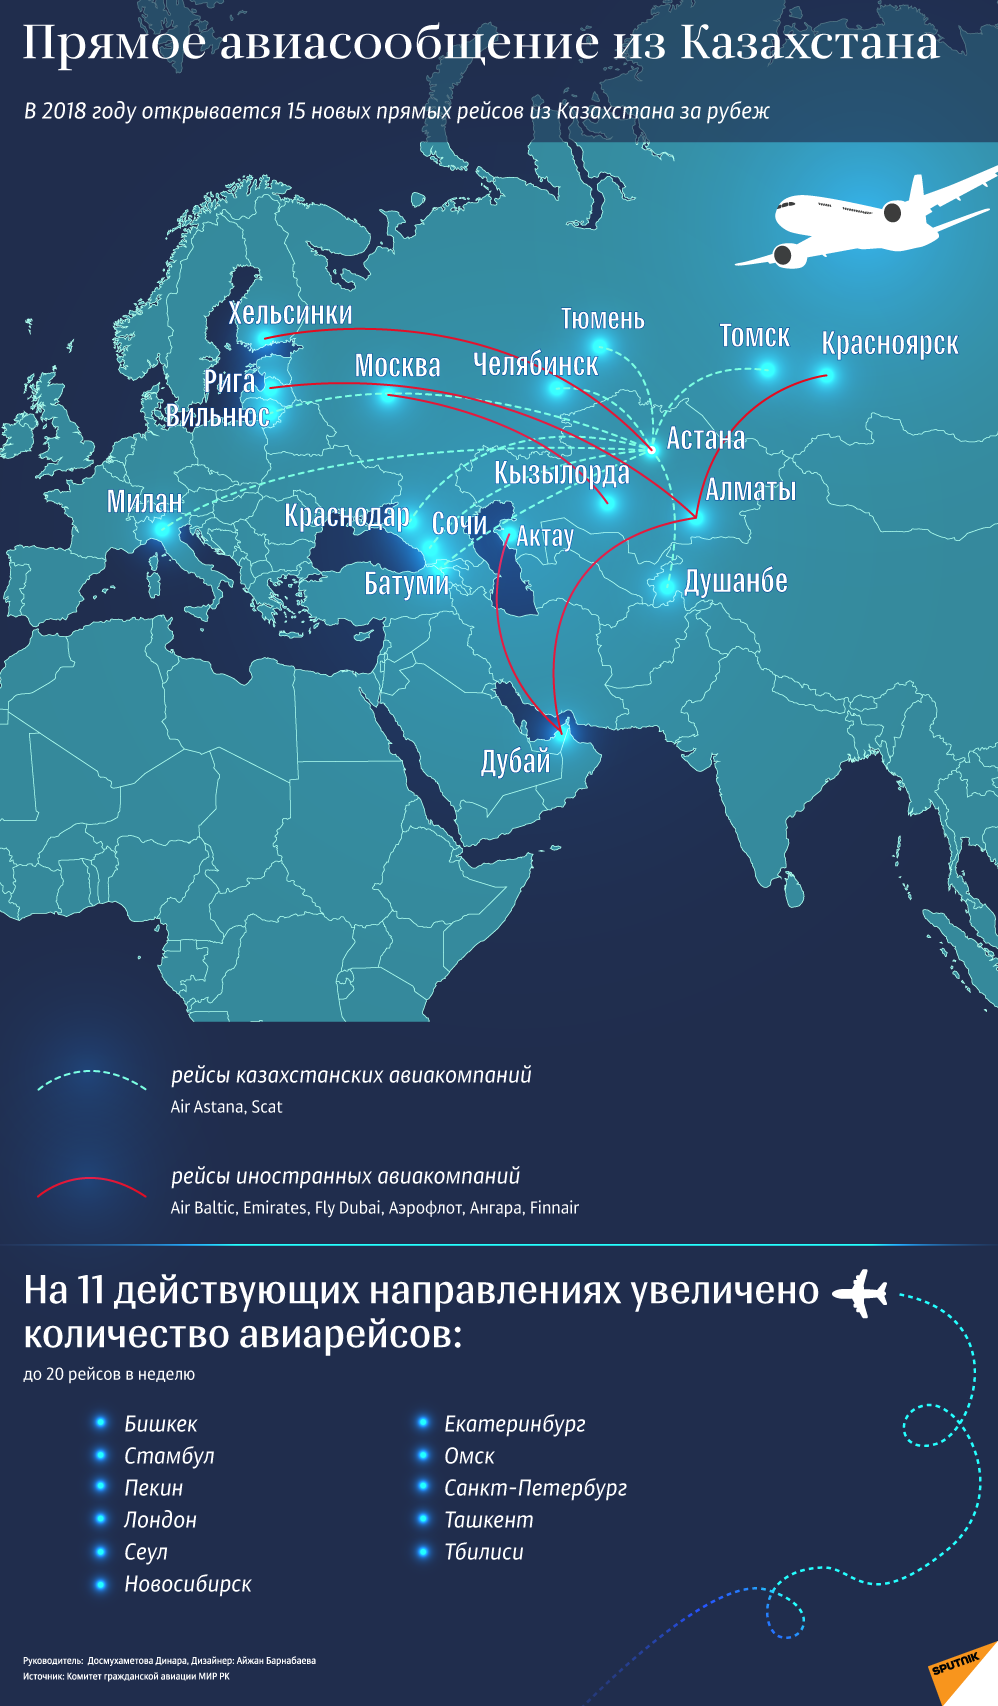 Прямые авиарейсы из Казахстана , которые открываются в 2018 году